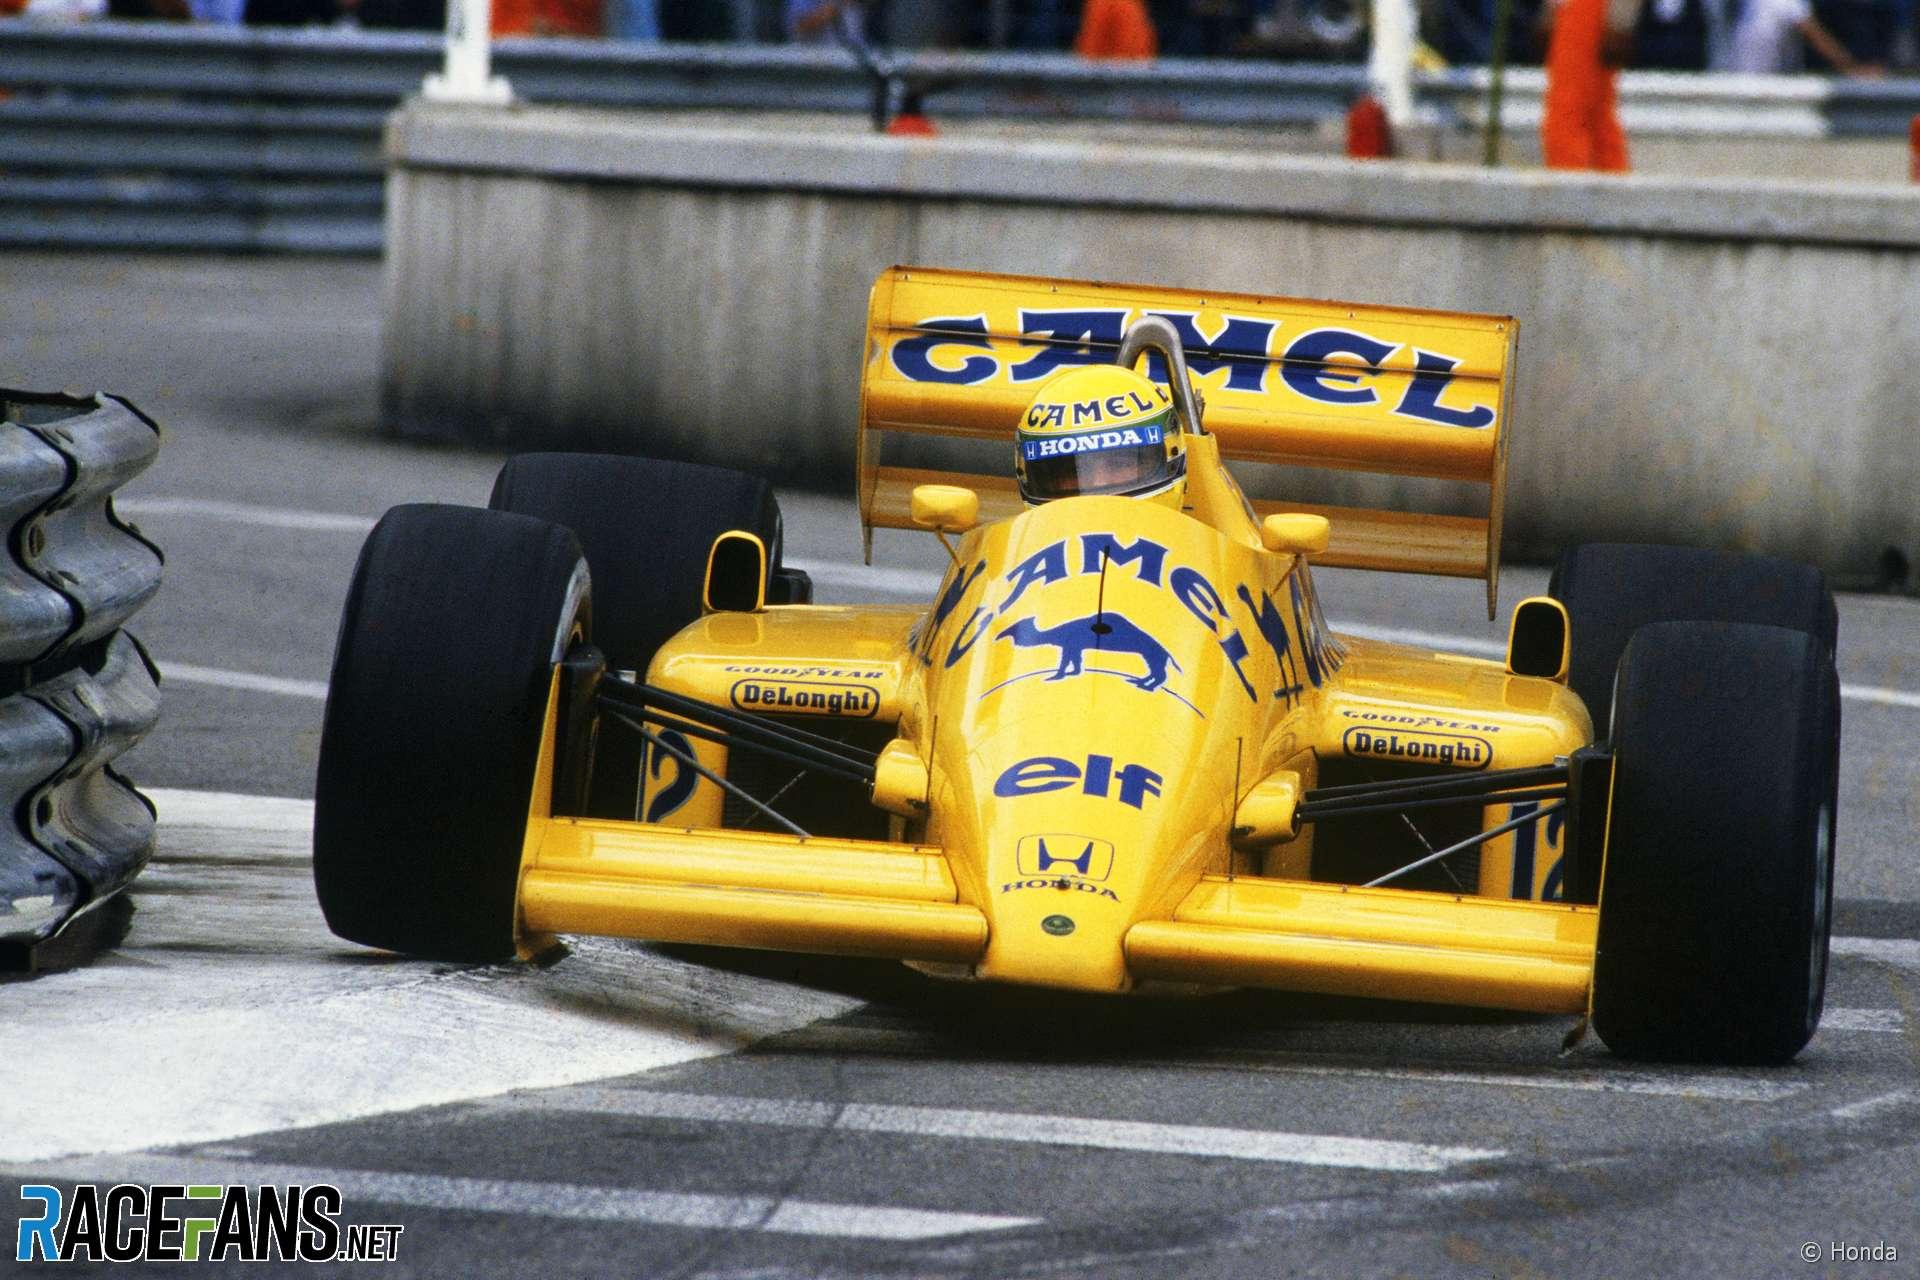 Ayrton Senna, Lotus, Monaco, 1987